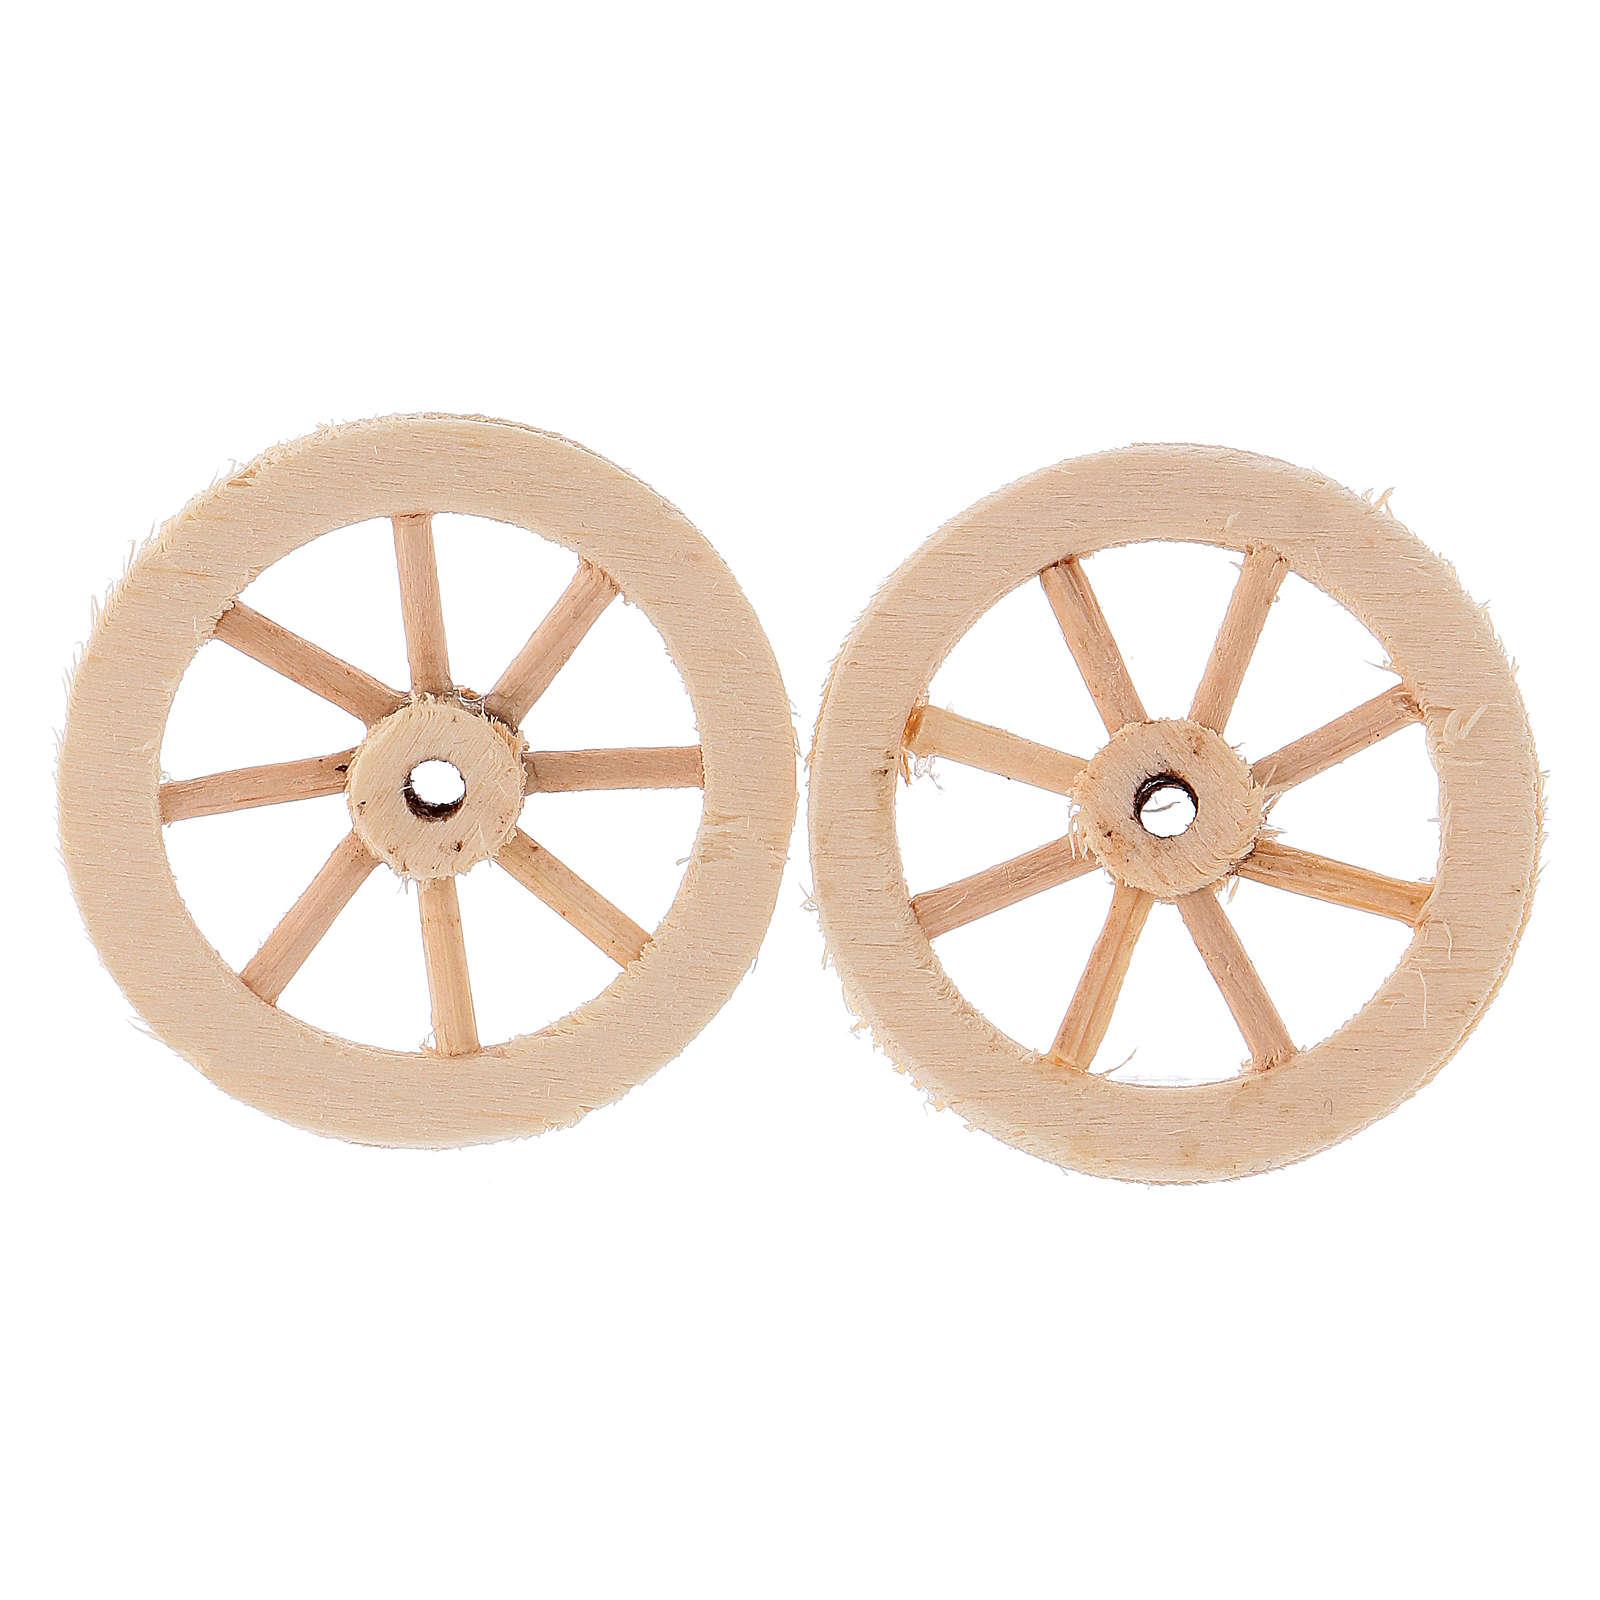 Dos ruedas de madera 3,5 cm 4